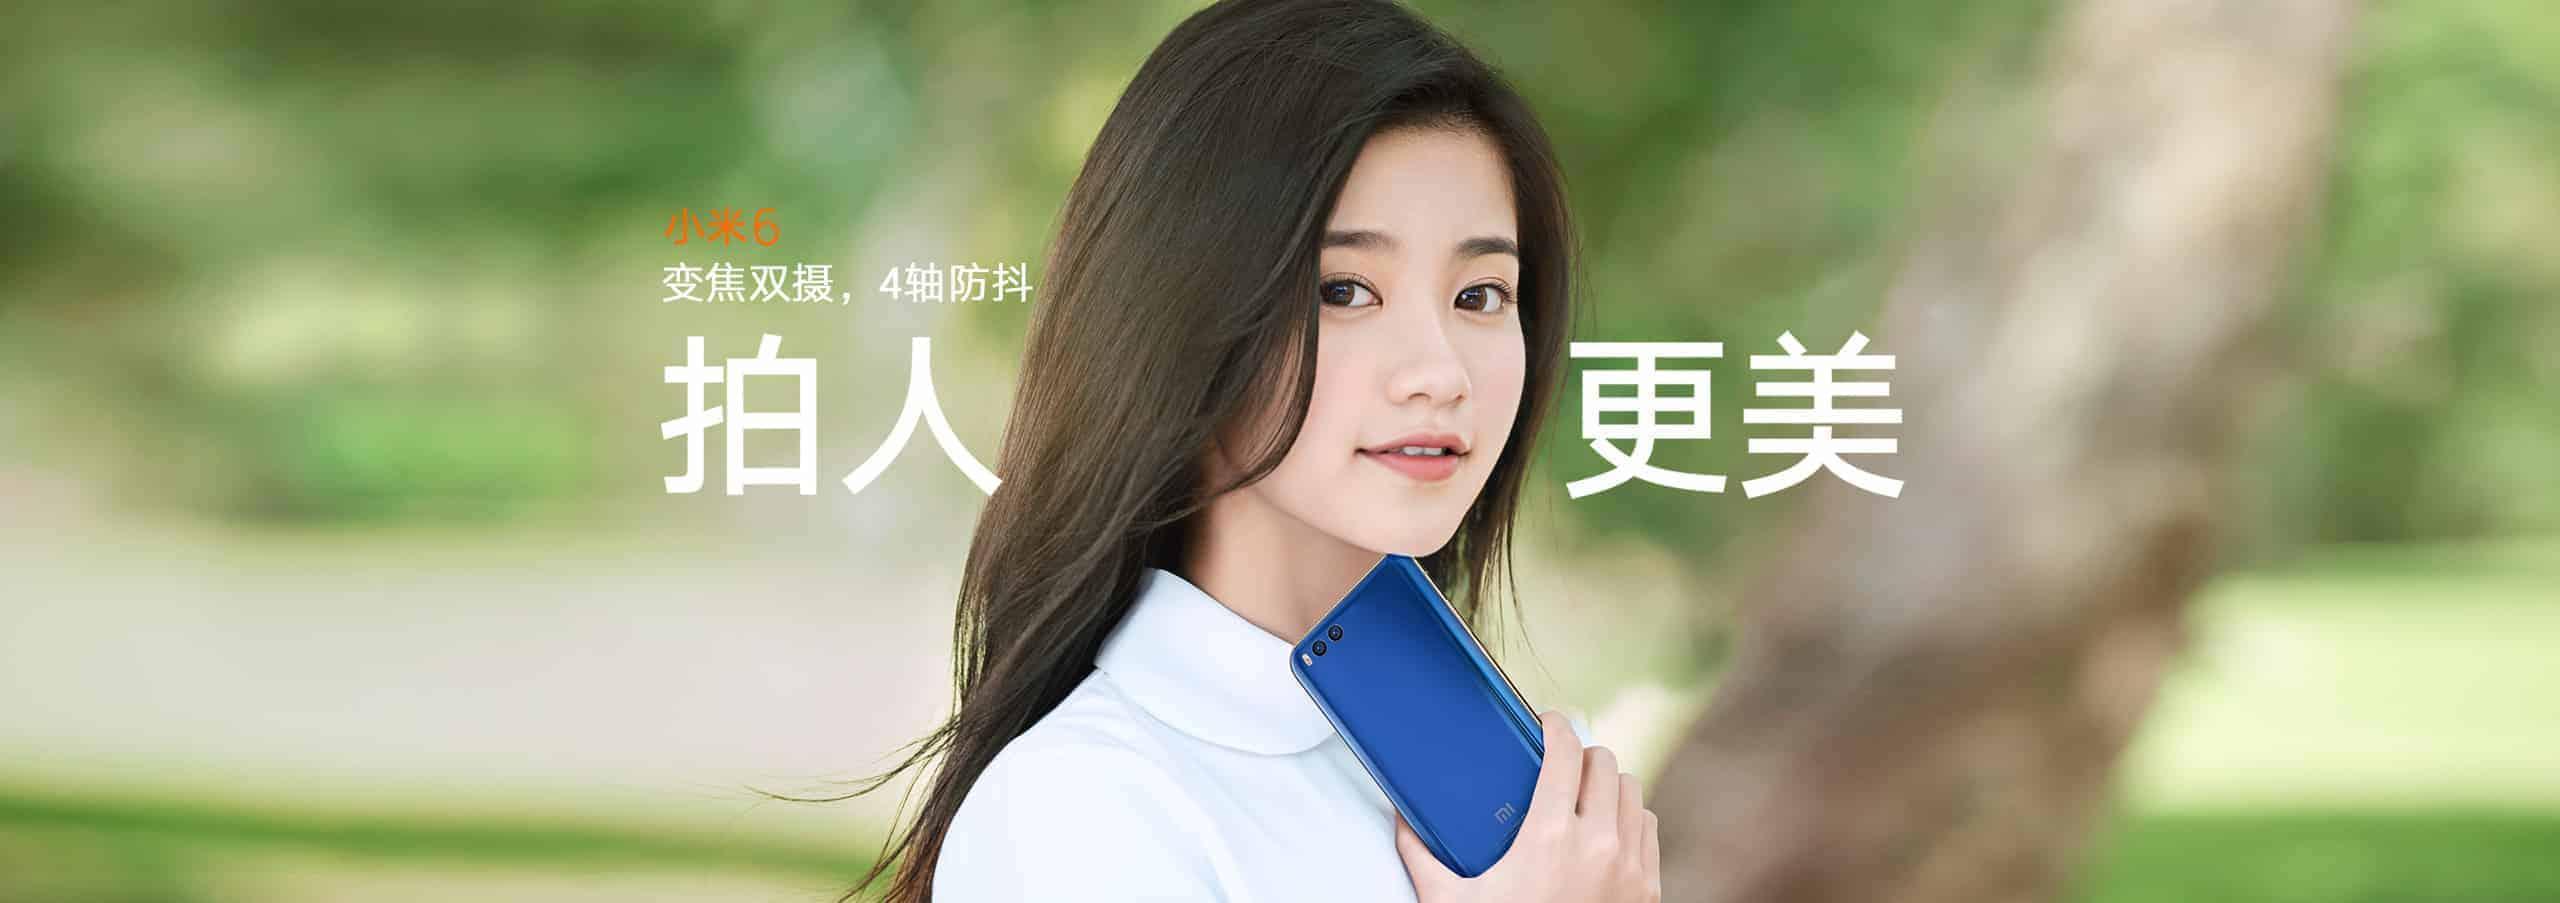 Xiaomi-Mi-6-imagen-oficial-(18)